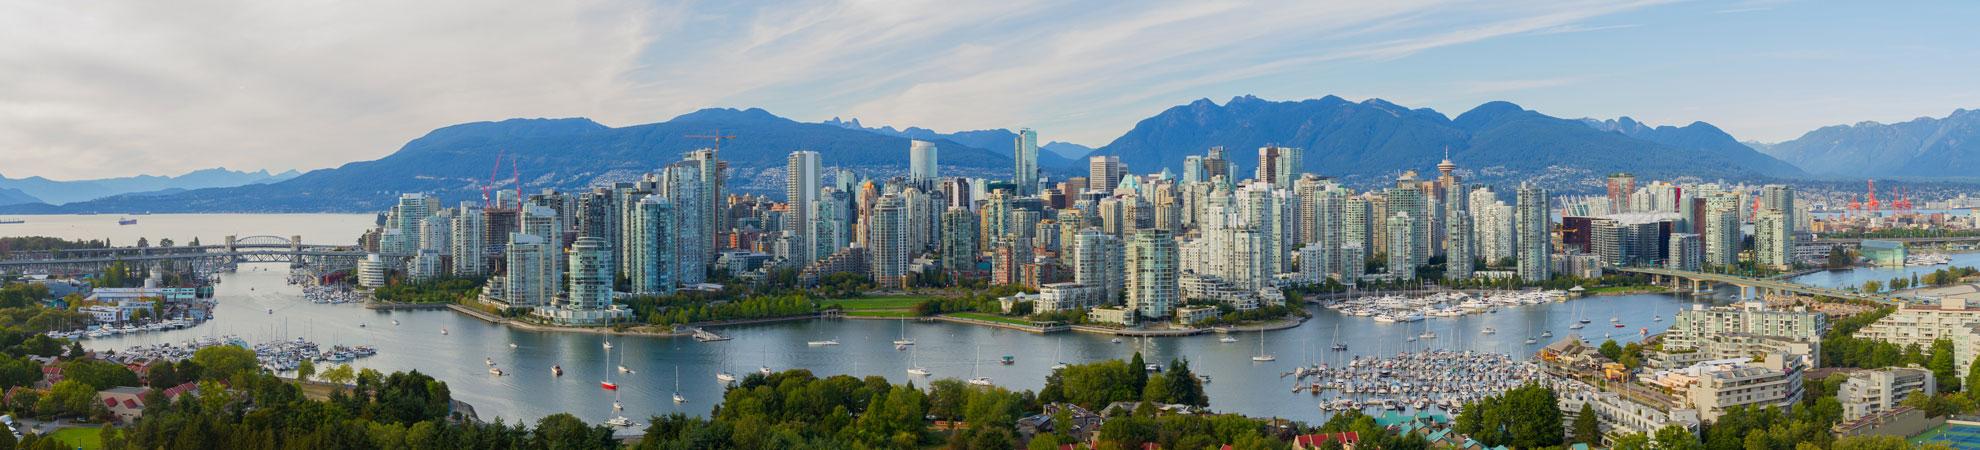 Comment aller au Canada en bus ?